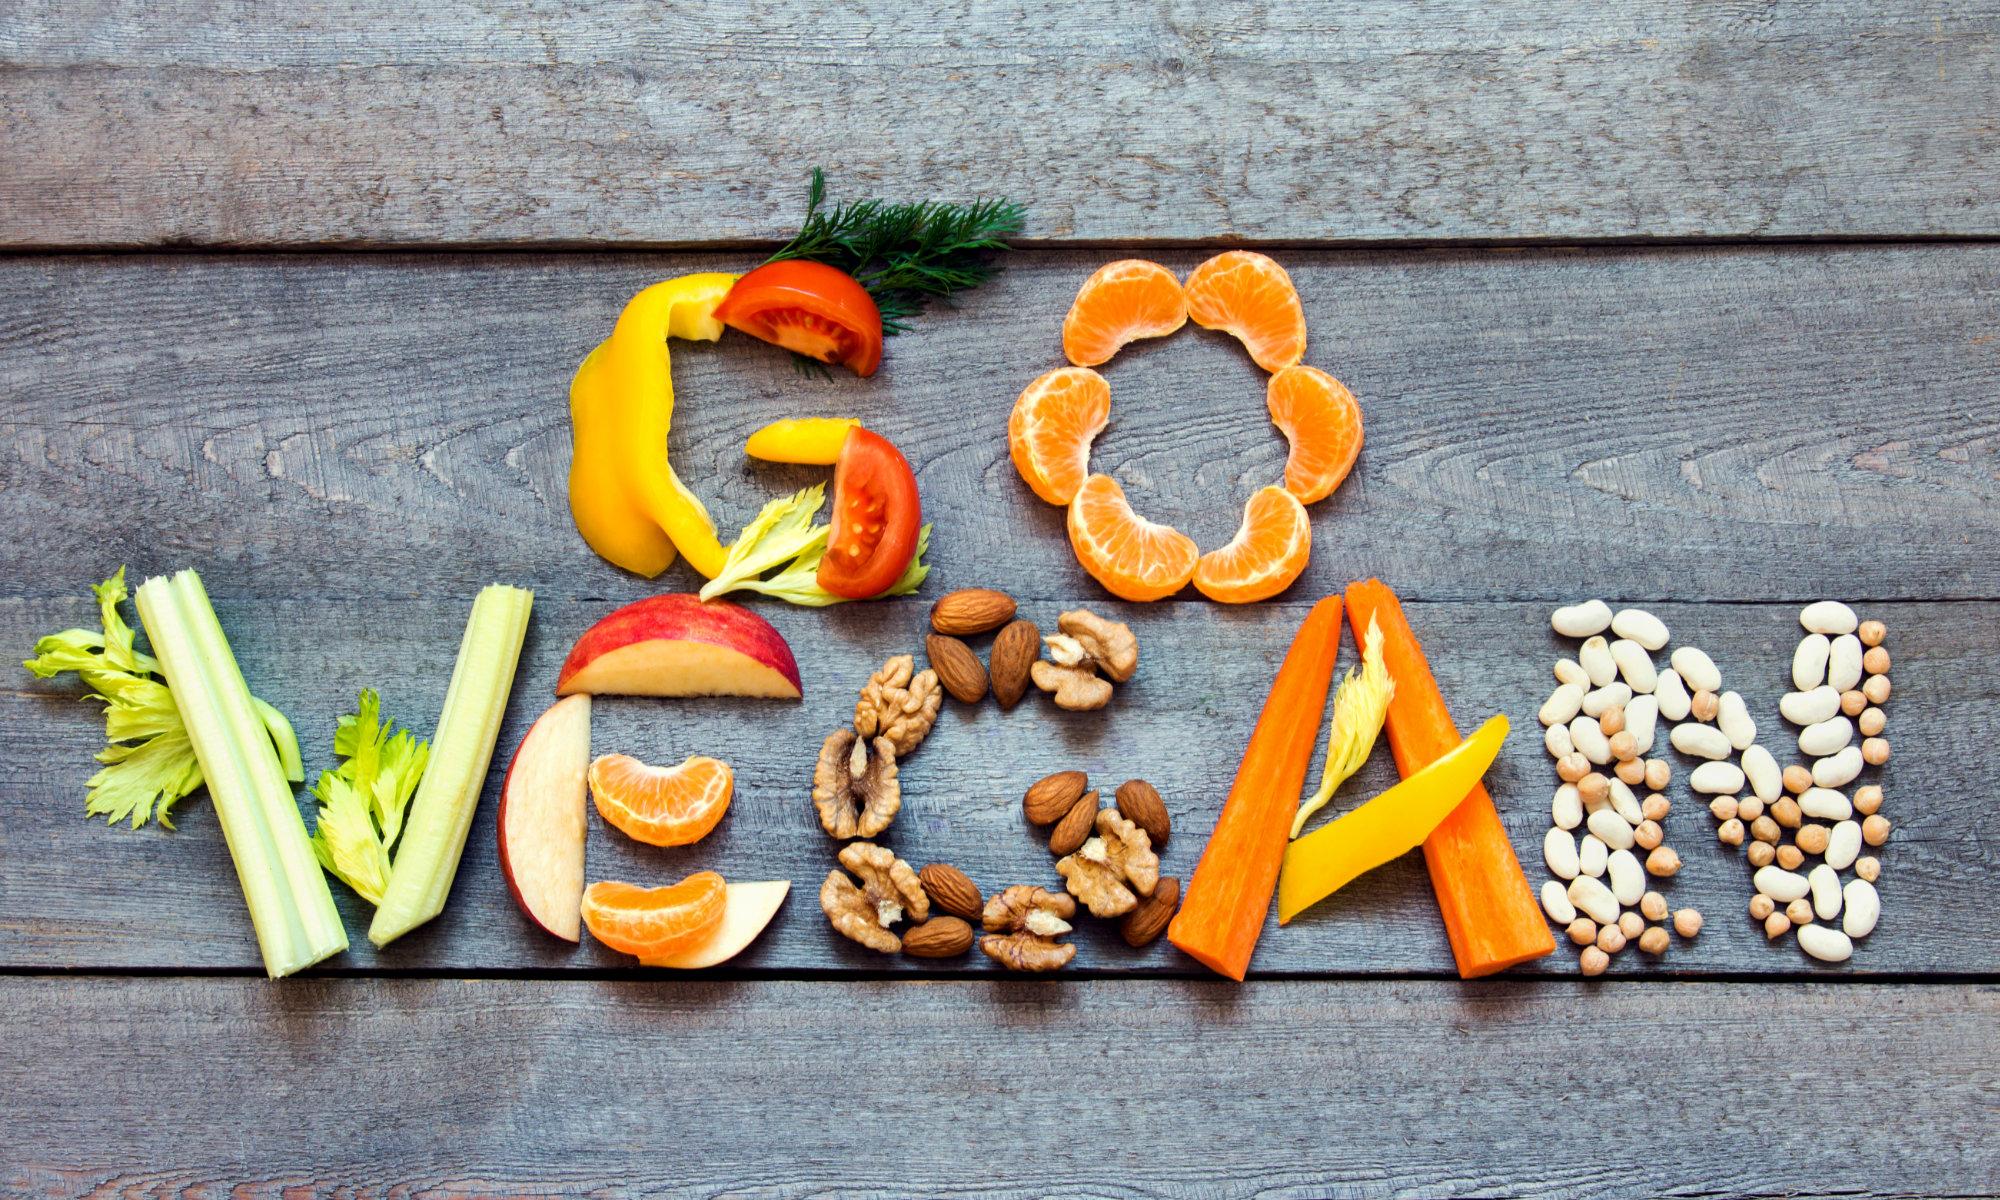 Vegan nutrition tips